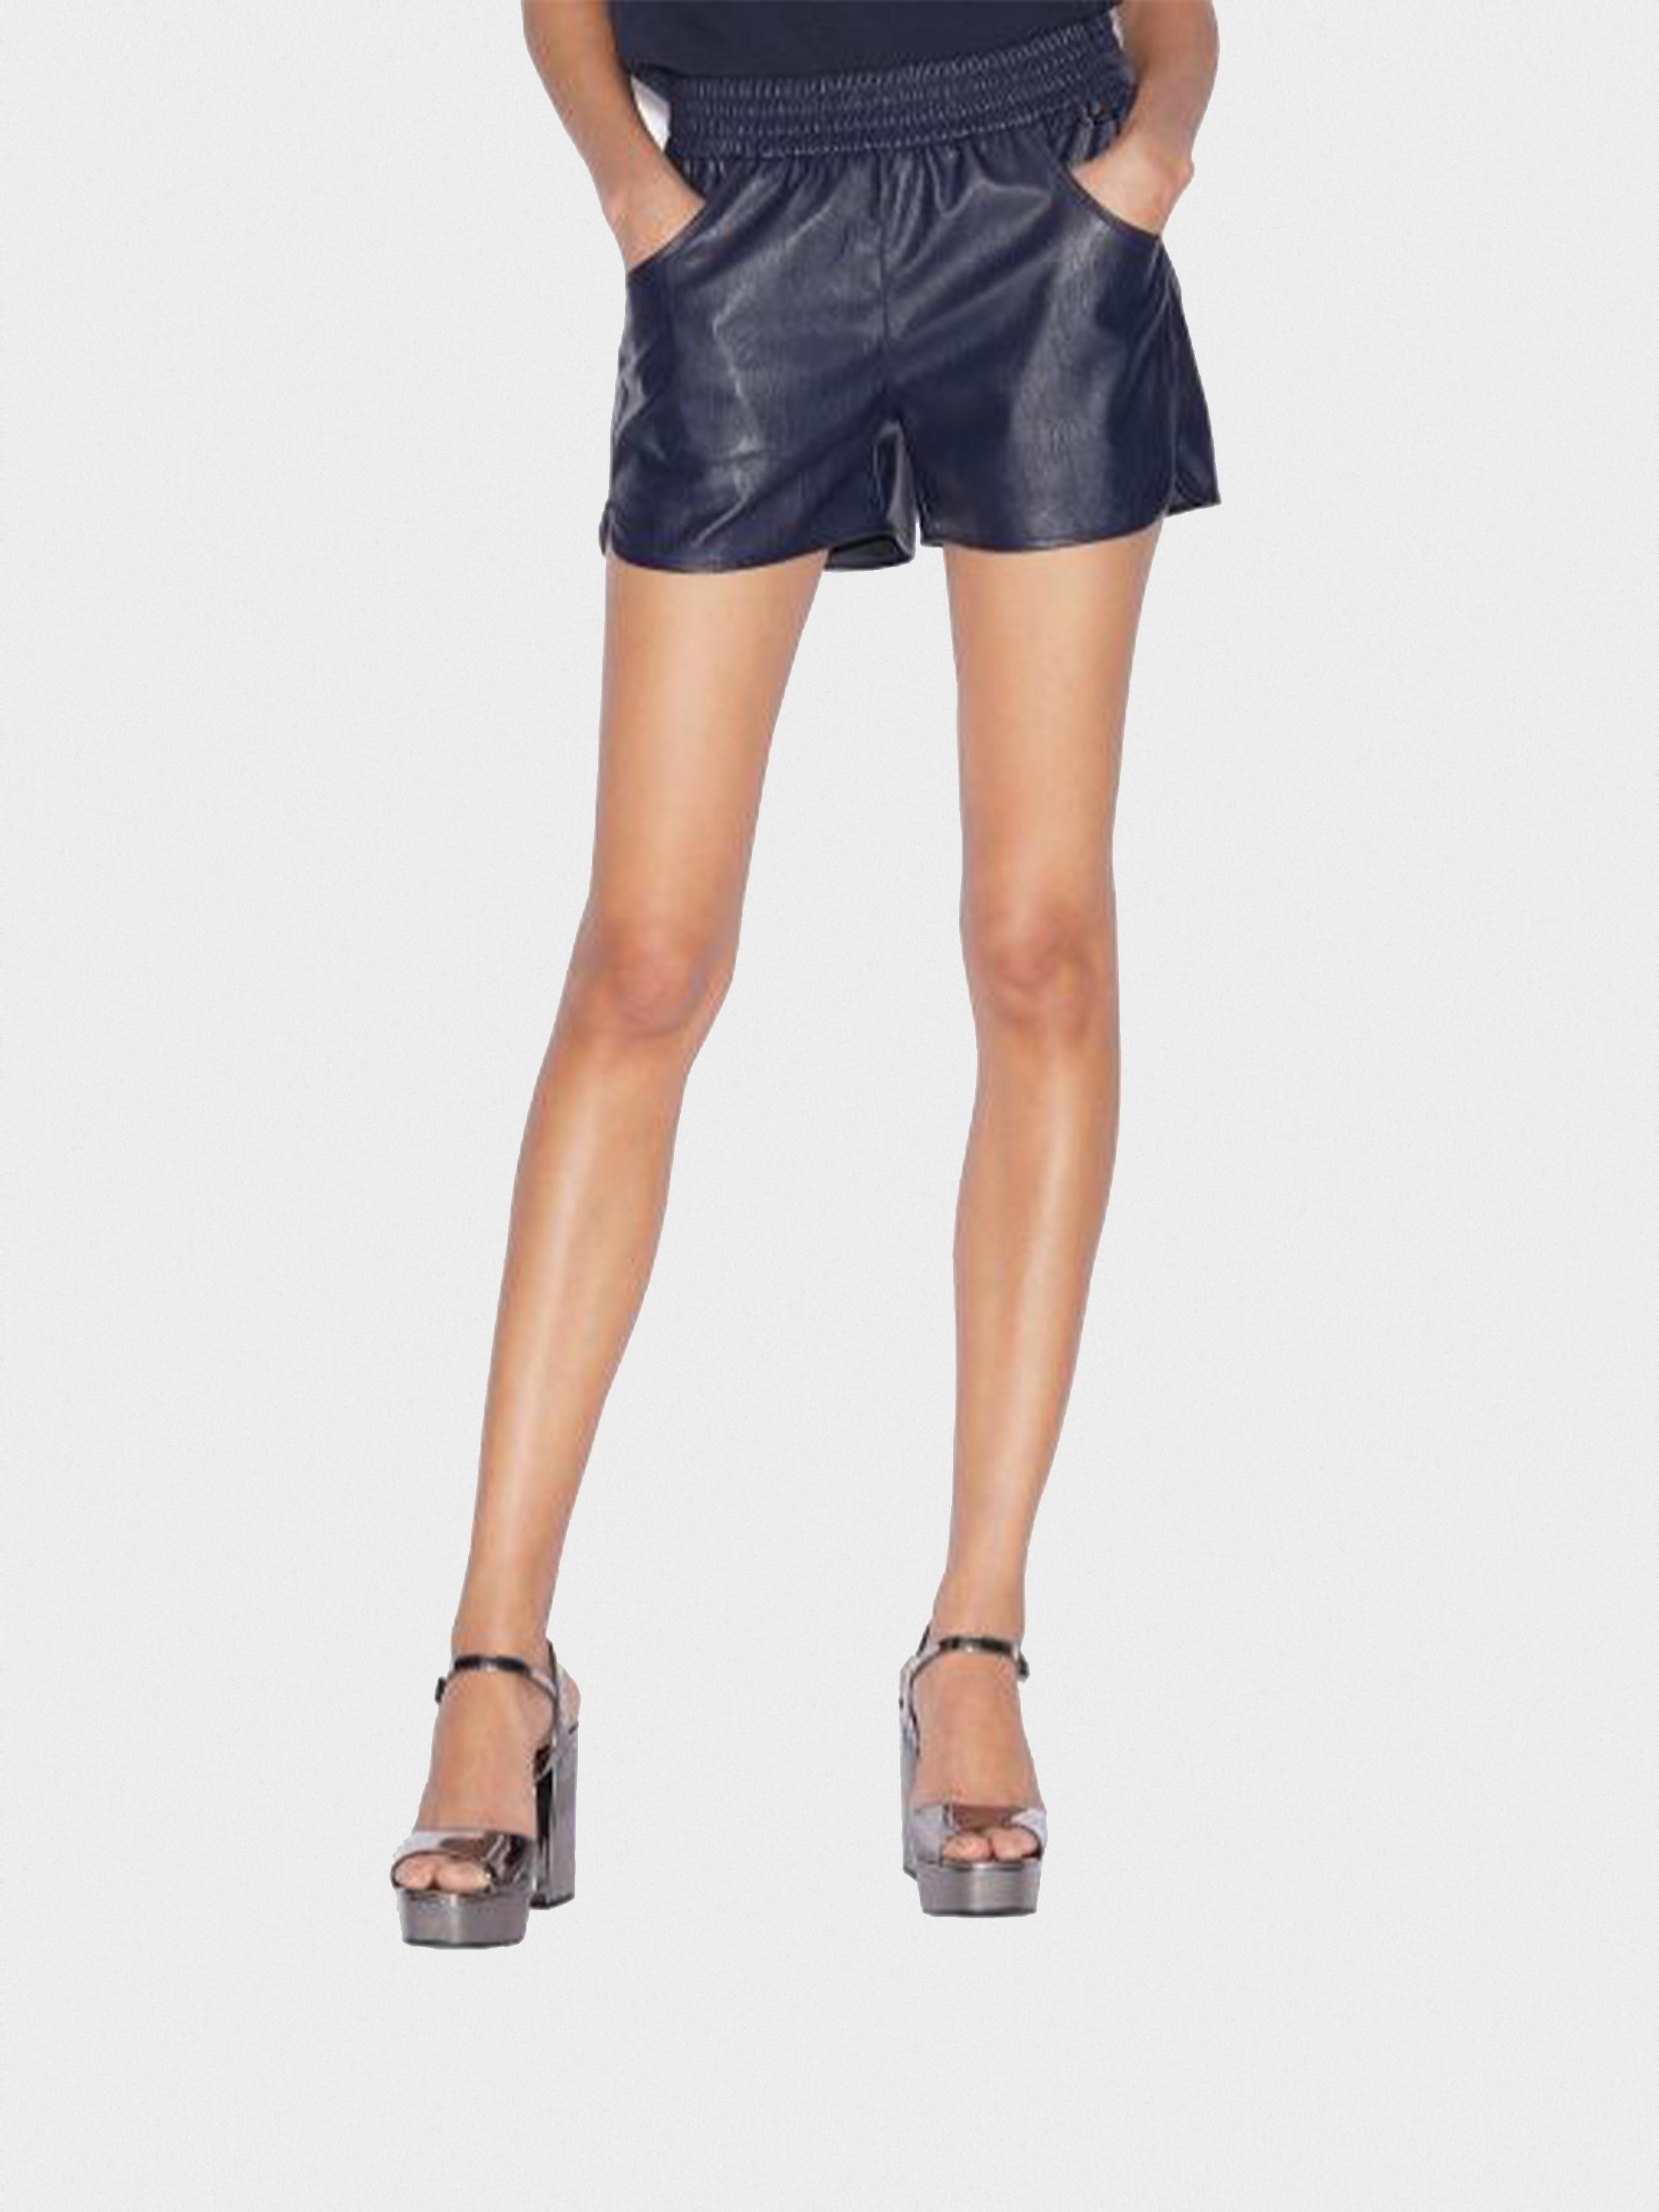 Купить Шорты женские модель QZ1821, Armani Exchange, Синий